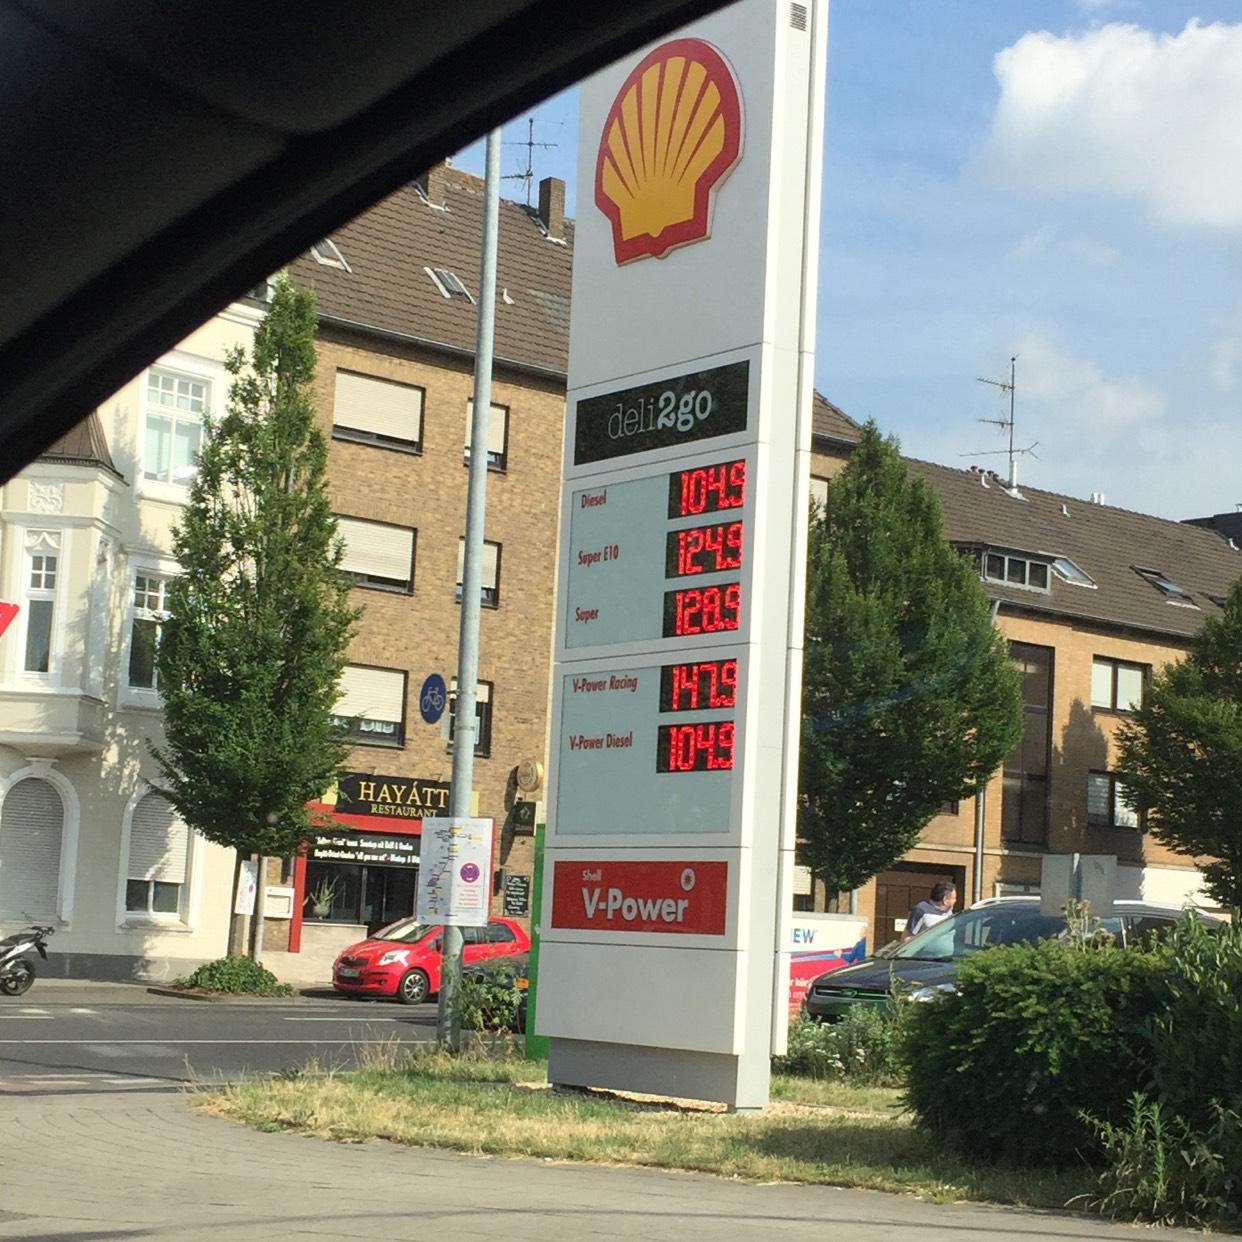 [Lokal] Shell Vpower Diesel zum Normalpreis